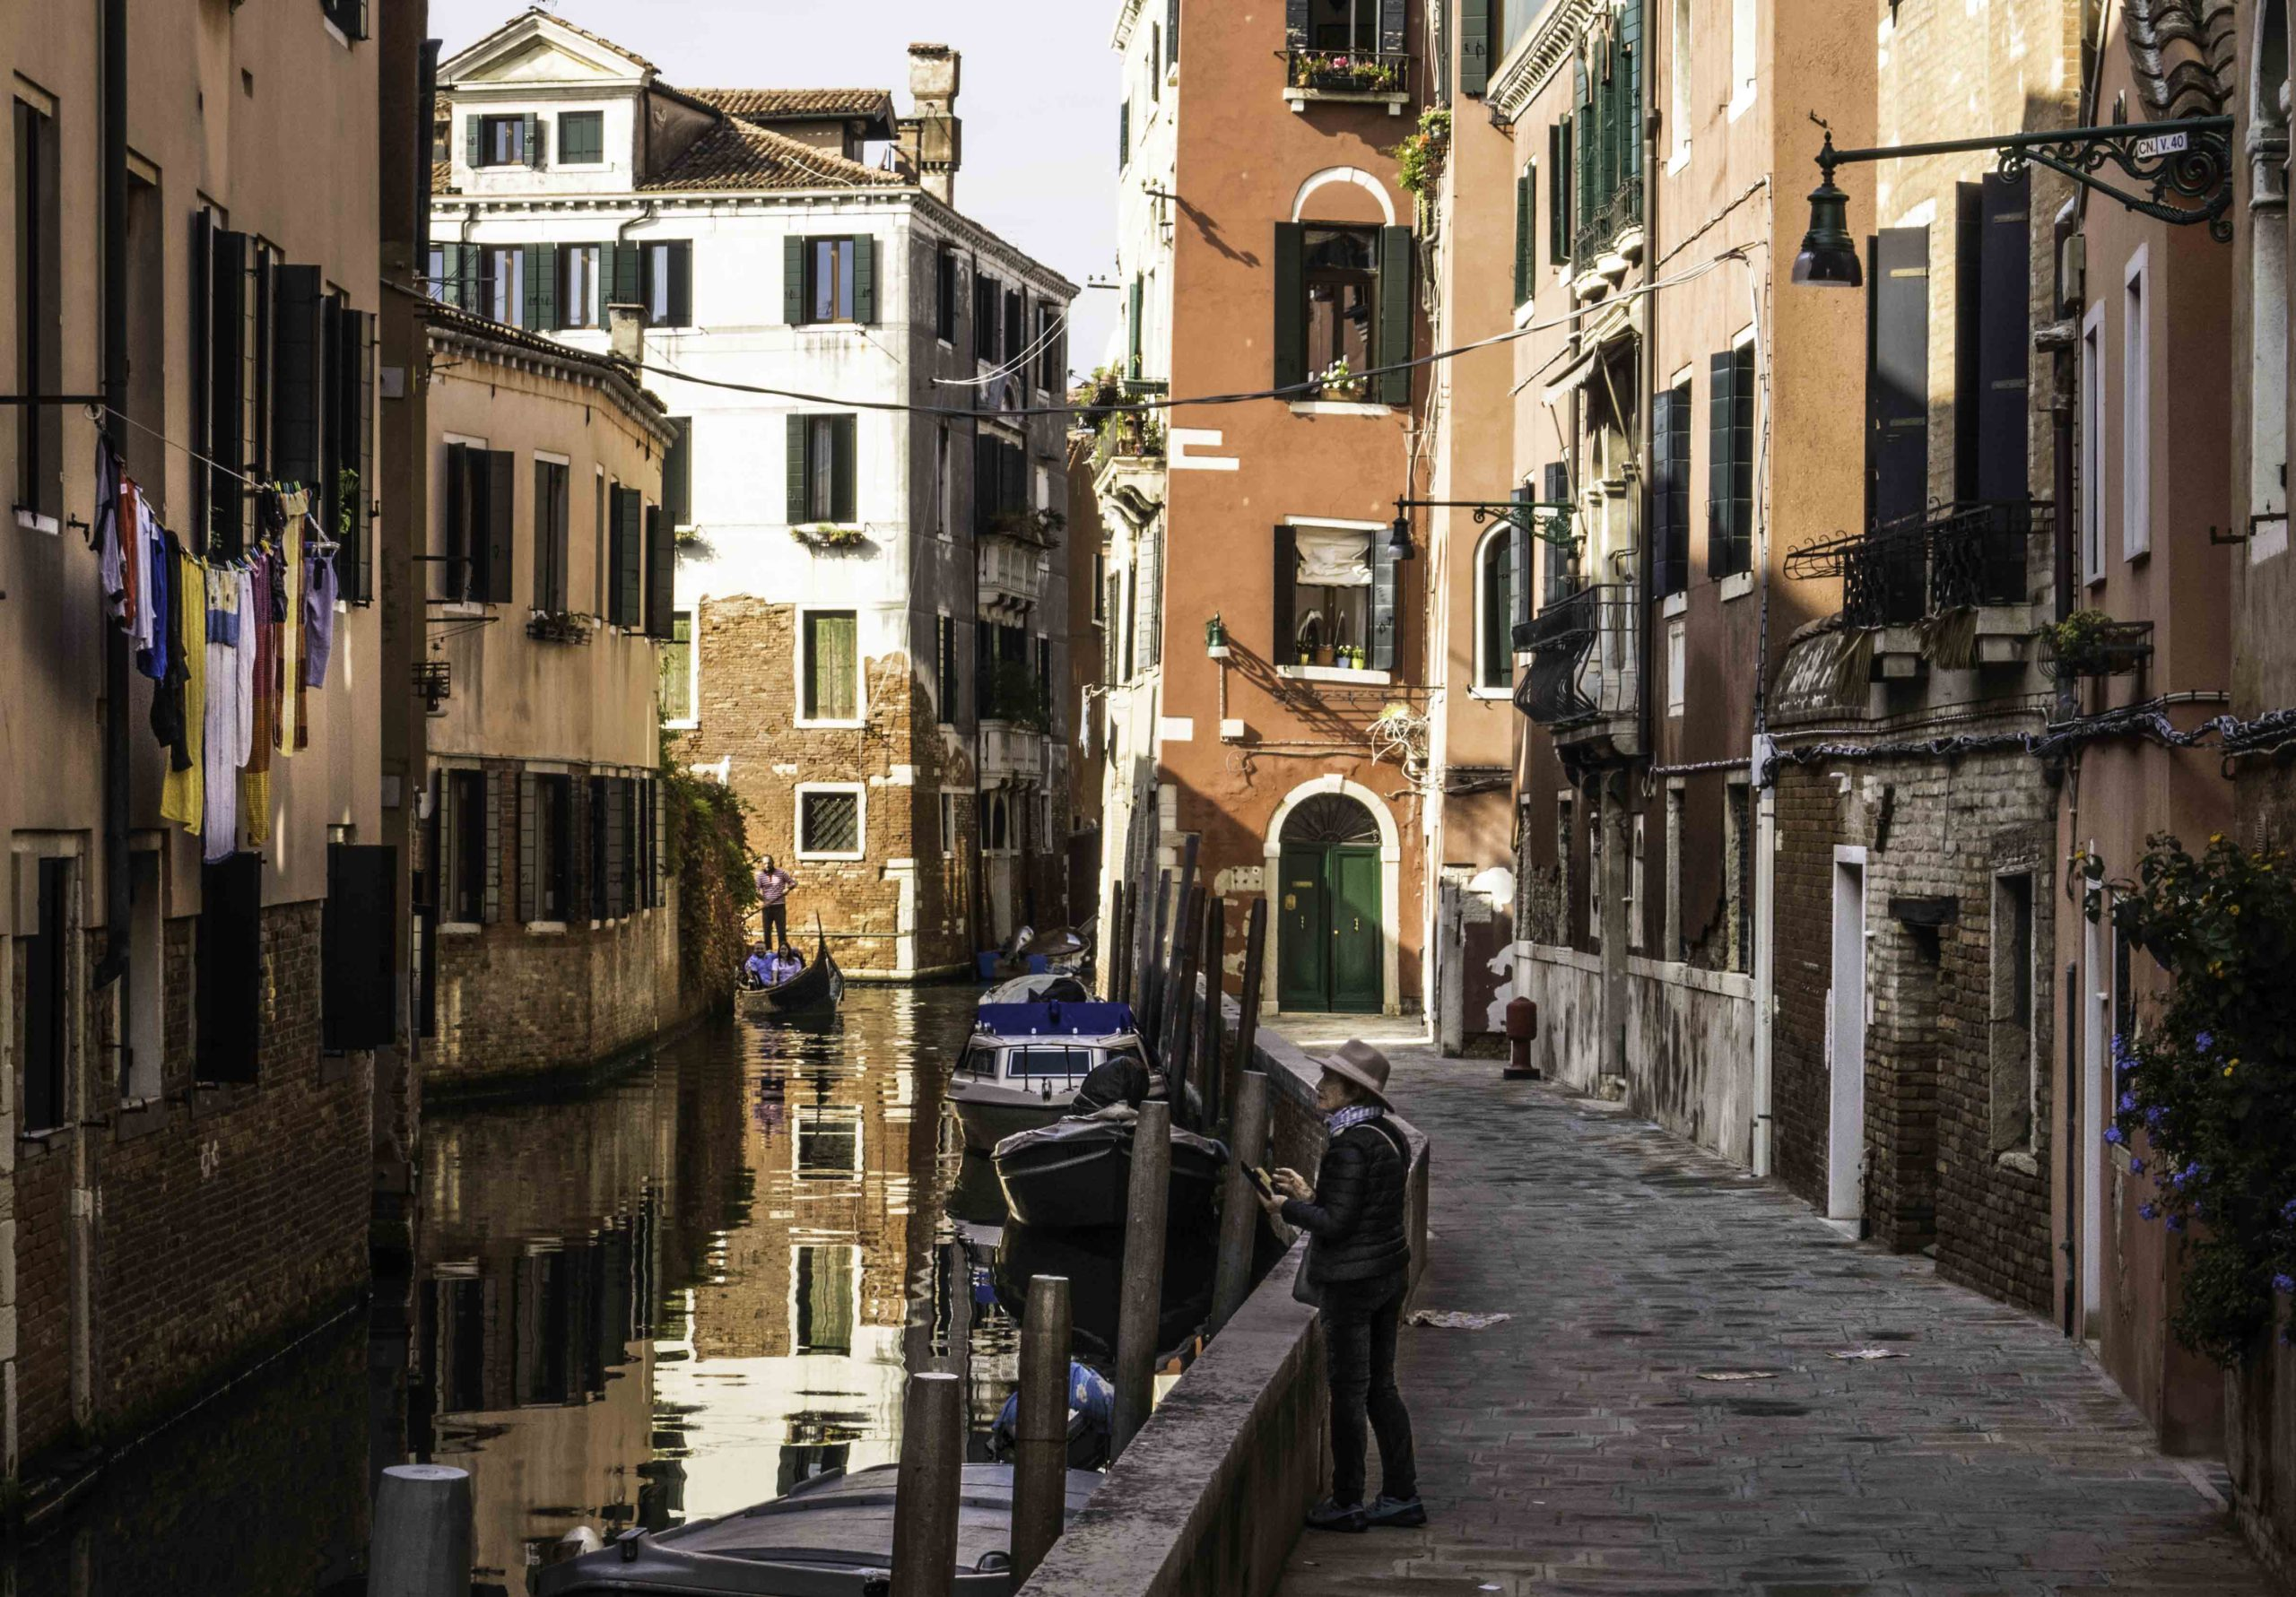 Neighborhood canal, Venice, Italy